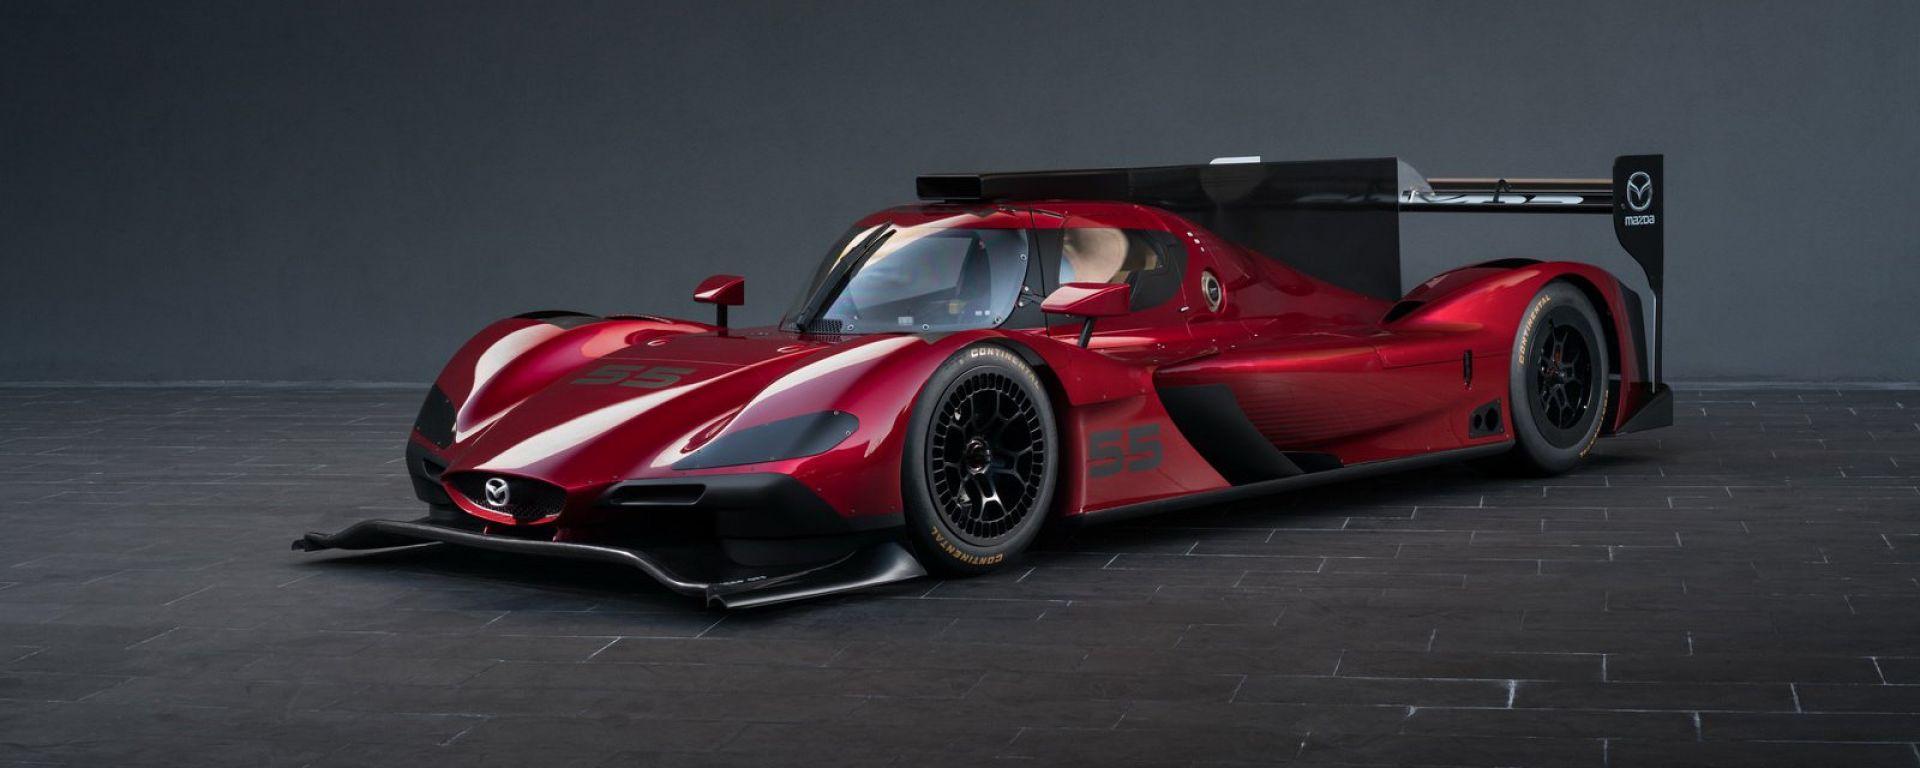 Mazda, possibile il ritorno alla 24 ore di Le Mans